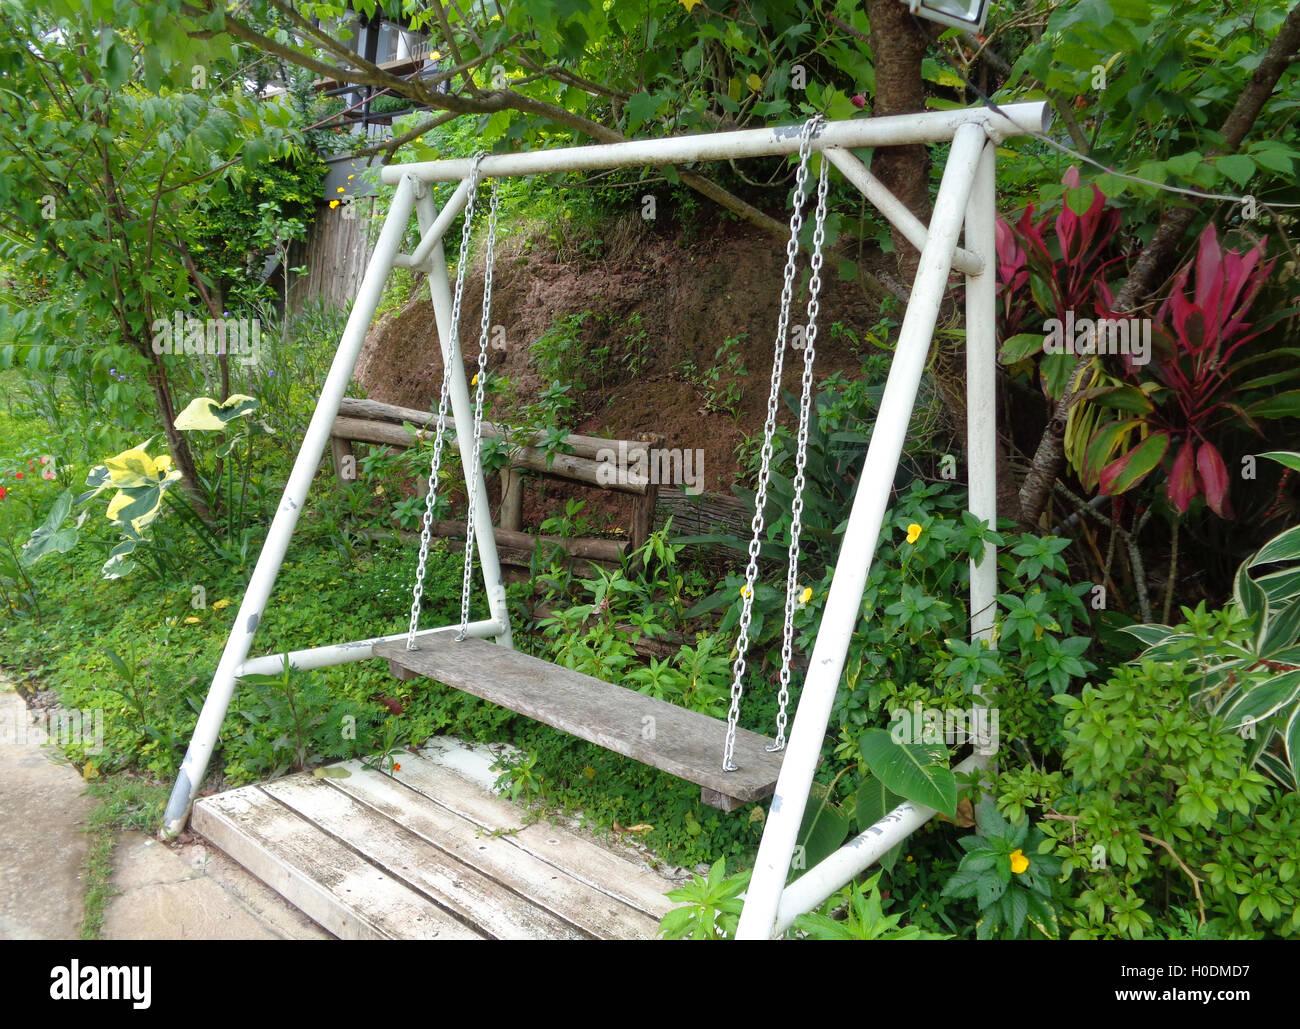 eine holzschaukel im tropischen garten stockfoto bild 120774003 alamy. Black Bedroom Furniture Sets. Home Design Ideas